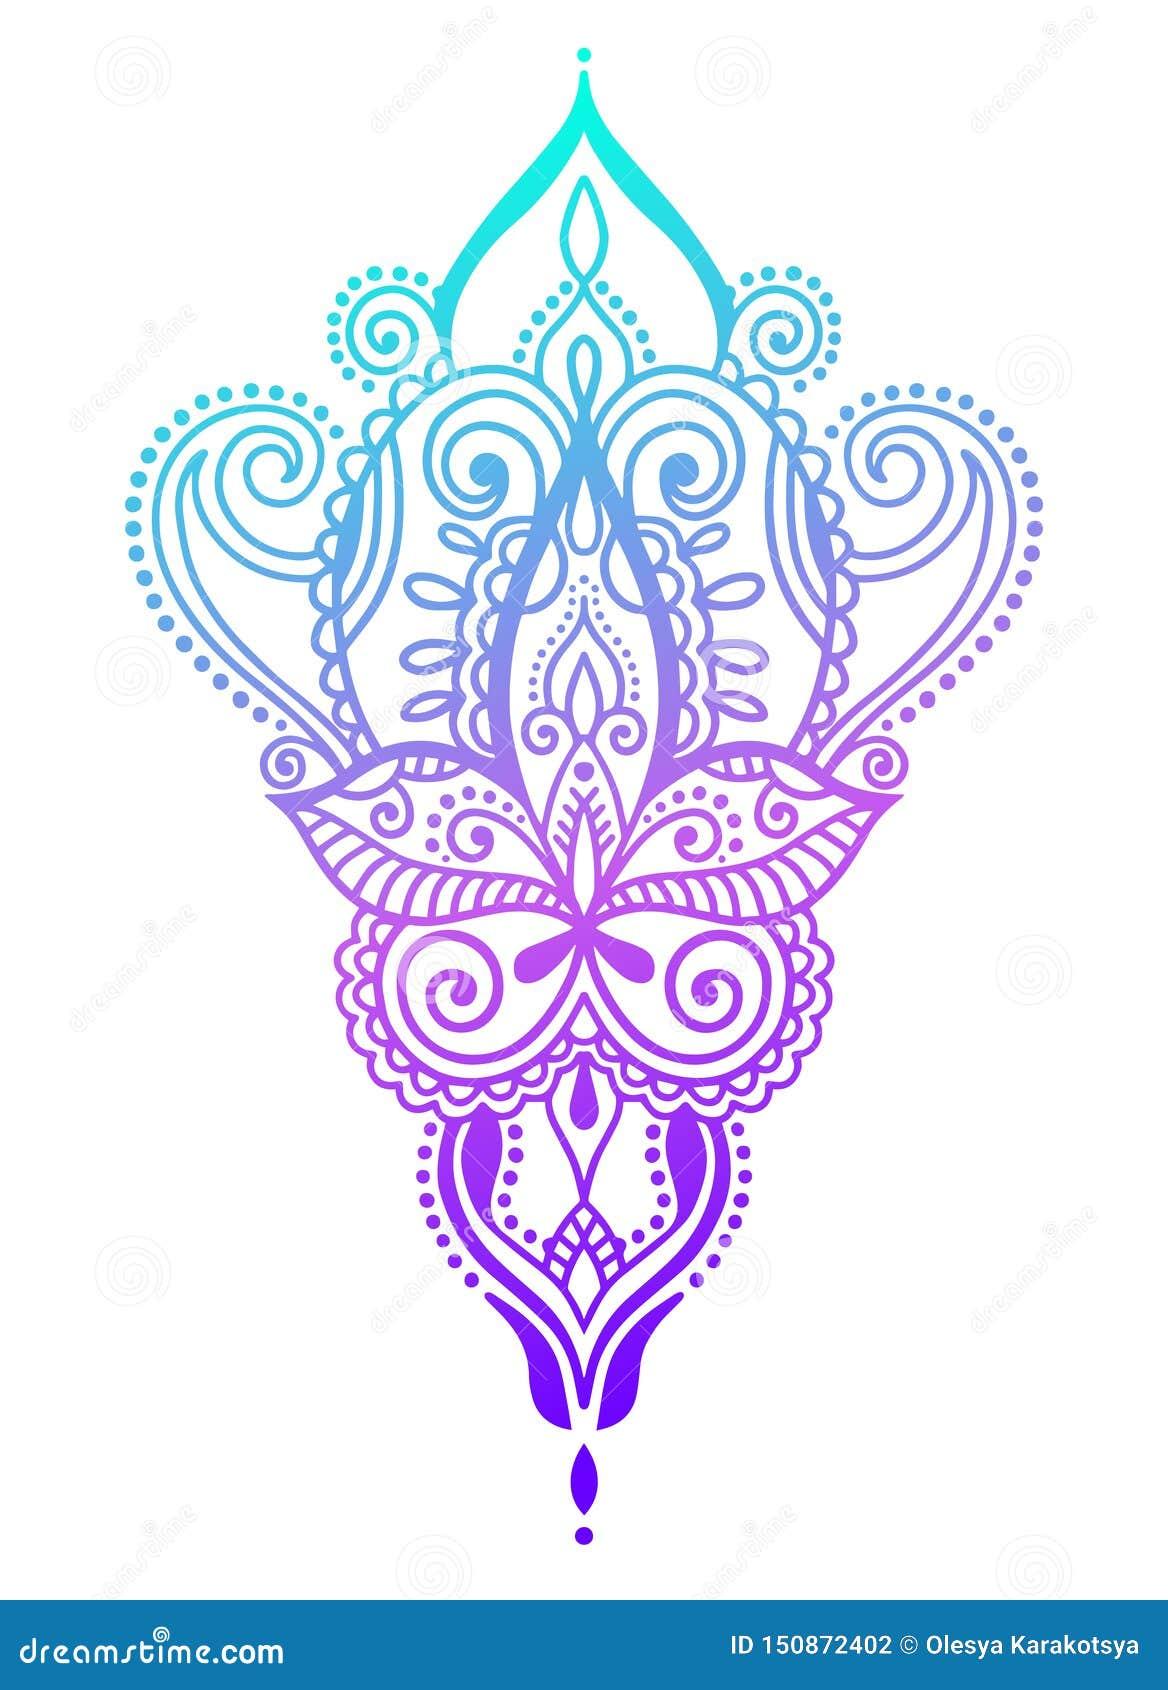 Этнический дизайн татуировки притяжки руки Пейсли, элемент дизайна doodle mehndi хны